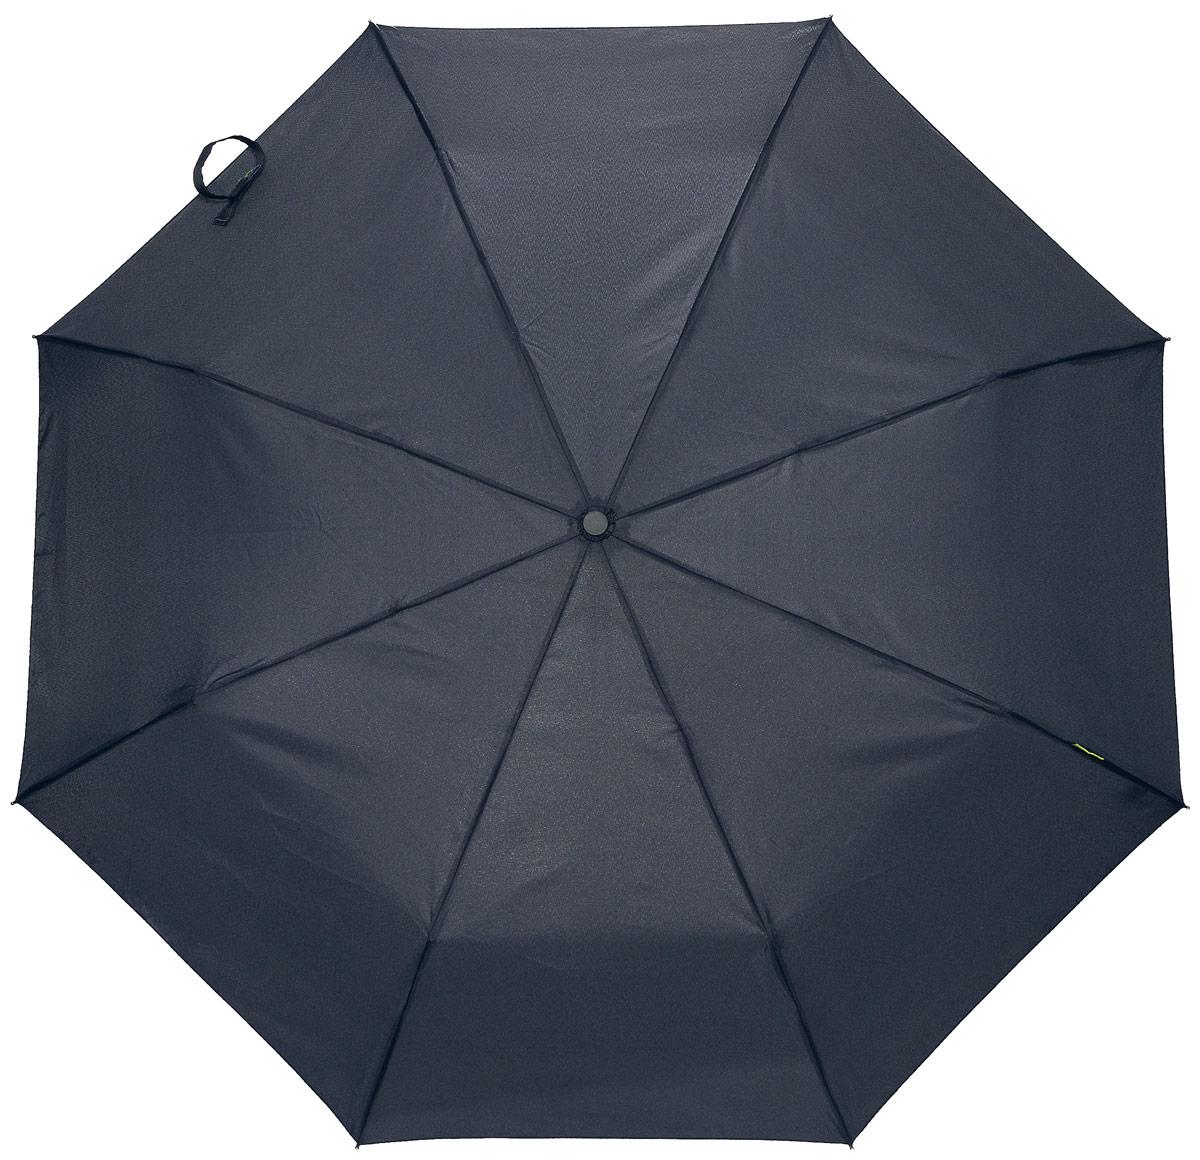 Bisetti 3264-1 Зонт полный автом. 3 сл. муж.3264-1Зонт испанского производителя Clima. В производстве зонтов используются современные материалы, что делает зонты легкими, но в то же время крепкими.Полный автомат, 3 сложения, 8 спиц по 55см, полиэстер.